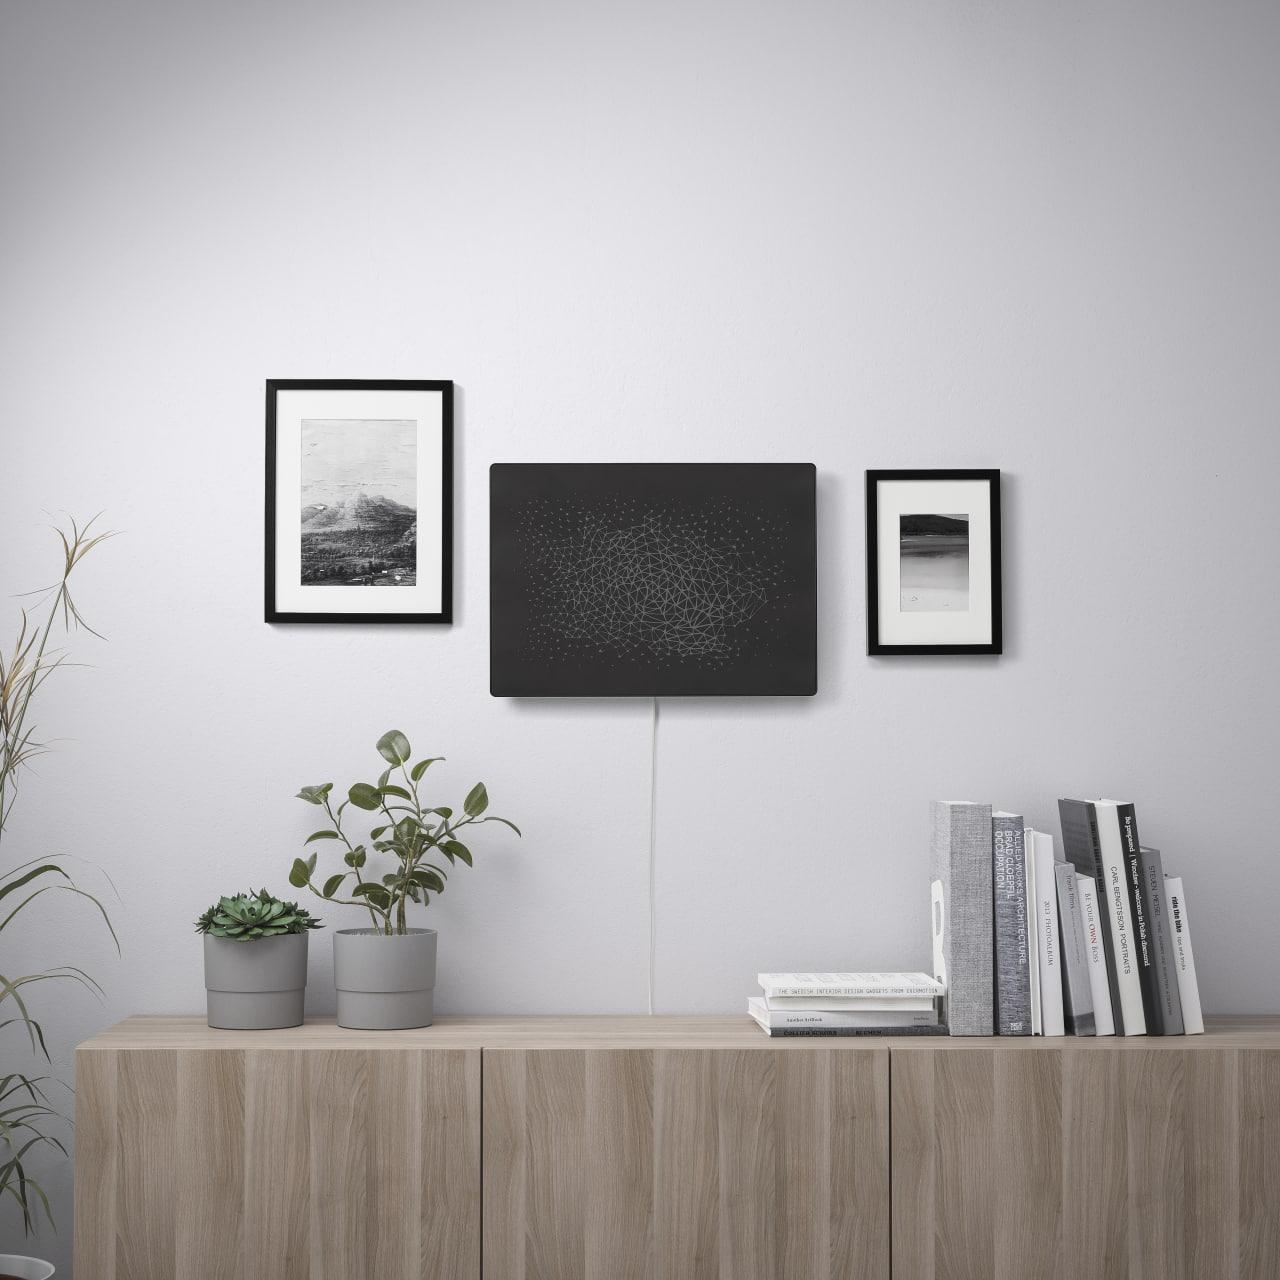 IKEA давно работает с Sonos, пытаясь совместить бытовые вещи и аудио. Но вот эта идея кажется мне прямо гениальной: расположить домашнюю колонку под натянутой картиной! Посмотрите как это выглядит, я бы прямо взял. t.me/FixedOneNews/2350Кстати ссылаюсь на